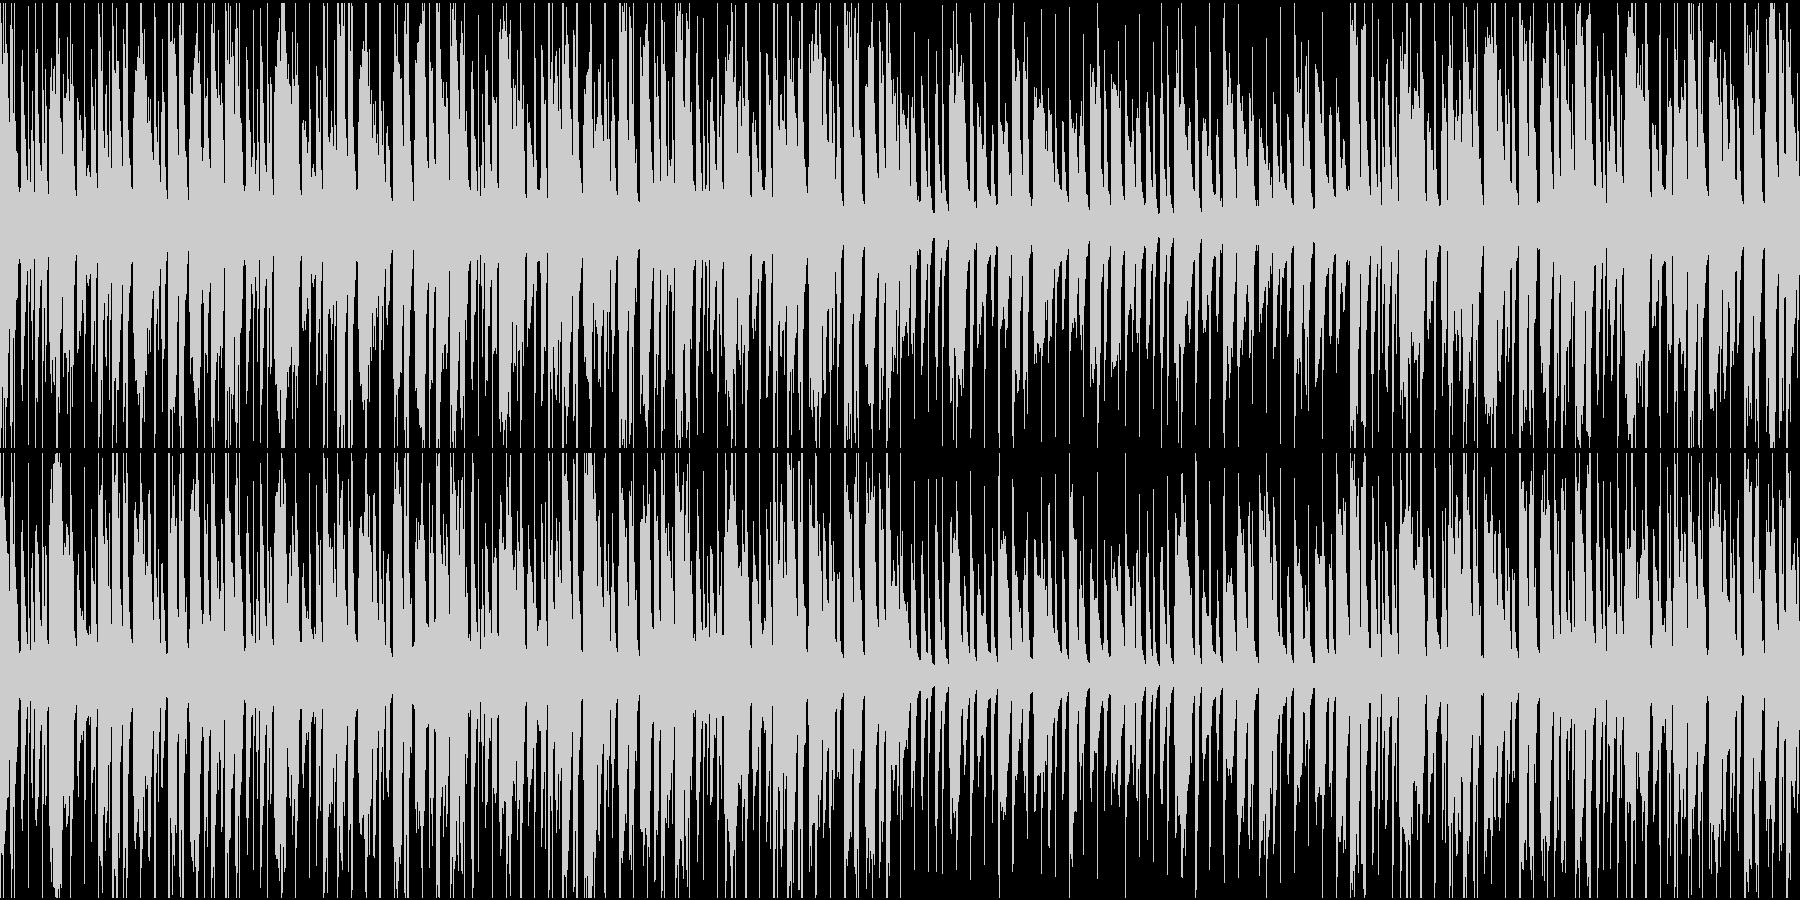 陽気な雰囲気のループ曲の未再生の波形